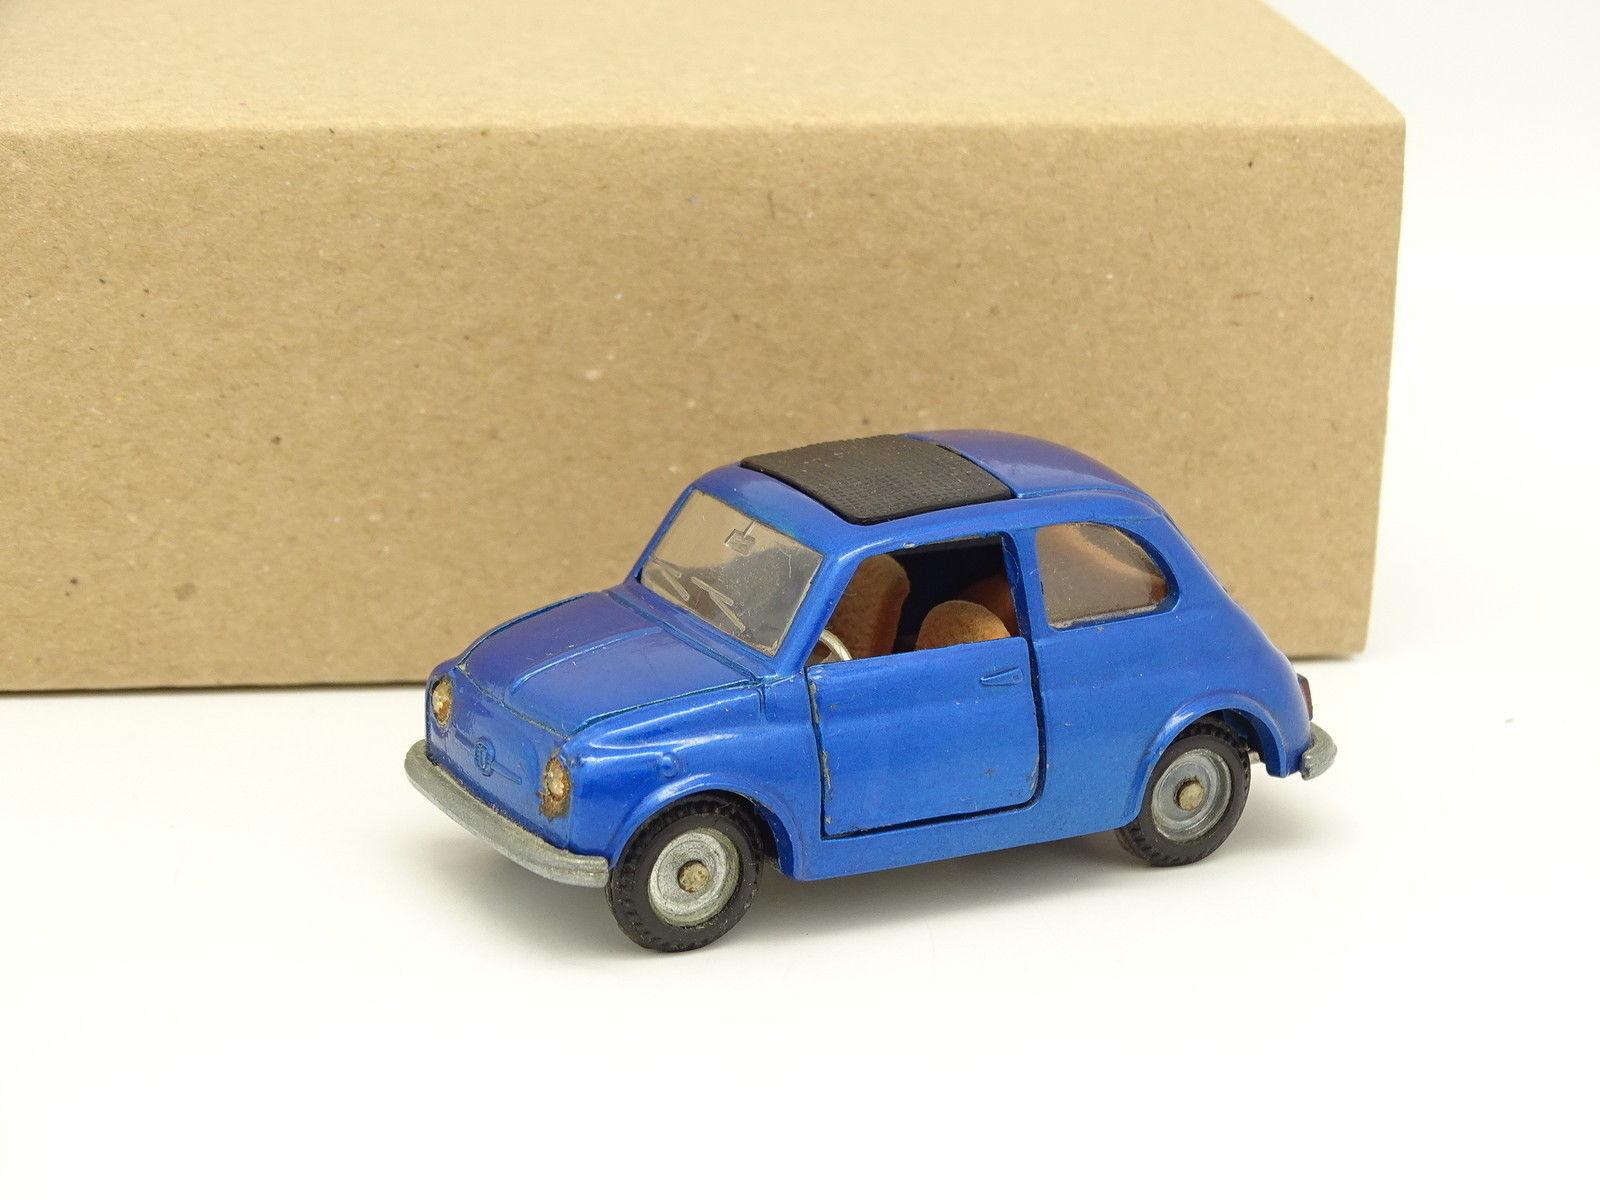 Esperando por ti MebeJuguetes 1 43 - Fiat Fiat Fiat Nuova 500 Azul A36  la mejor selección de